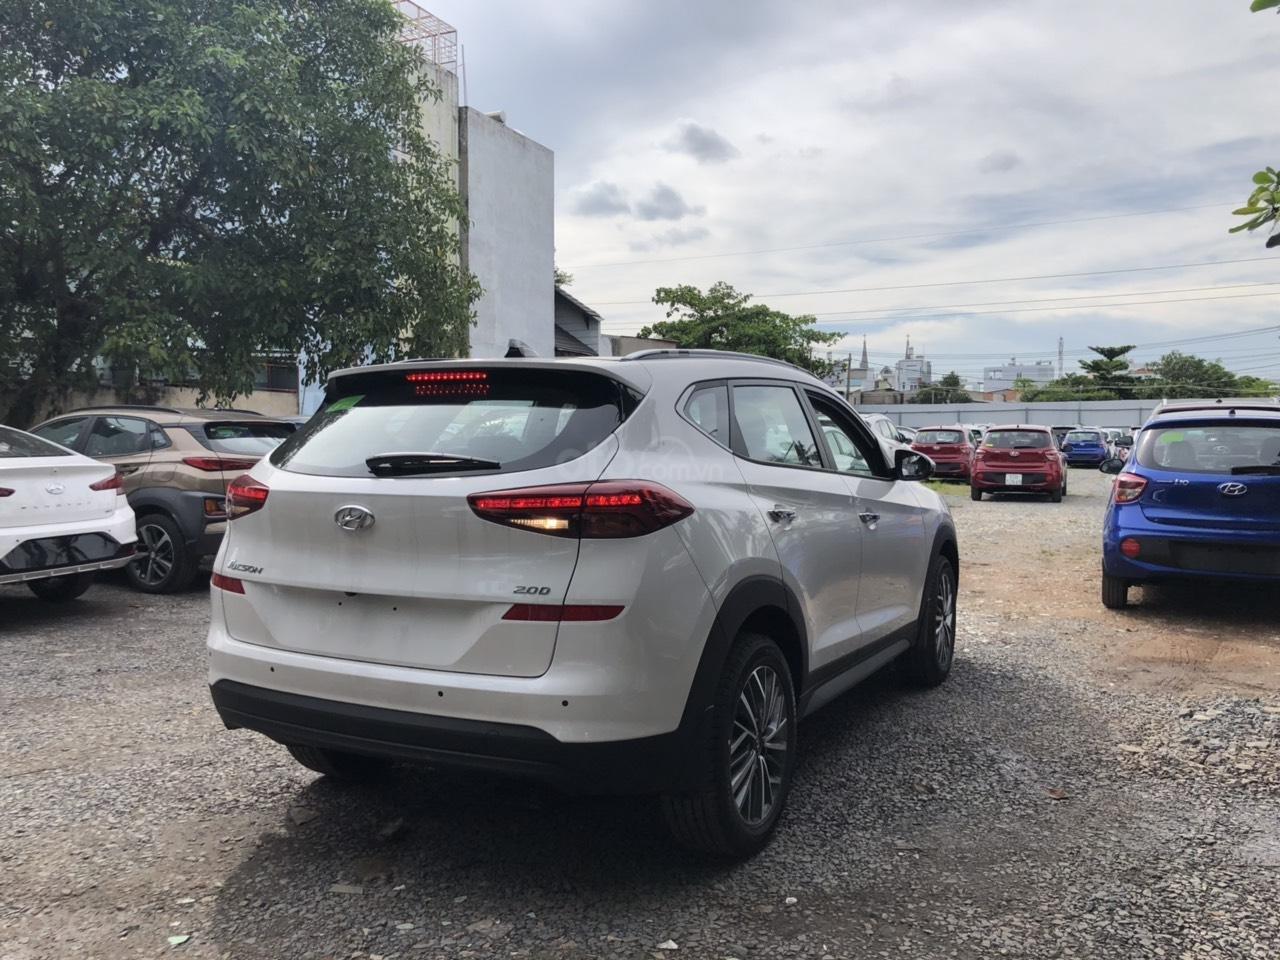 Cần bán xe Tucson 2.0AT đặc biệt 2019, giá 858 triệu đồng (2)